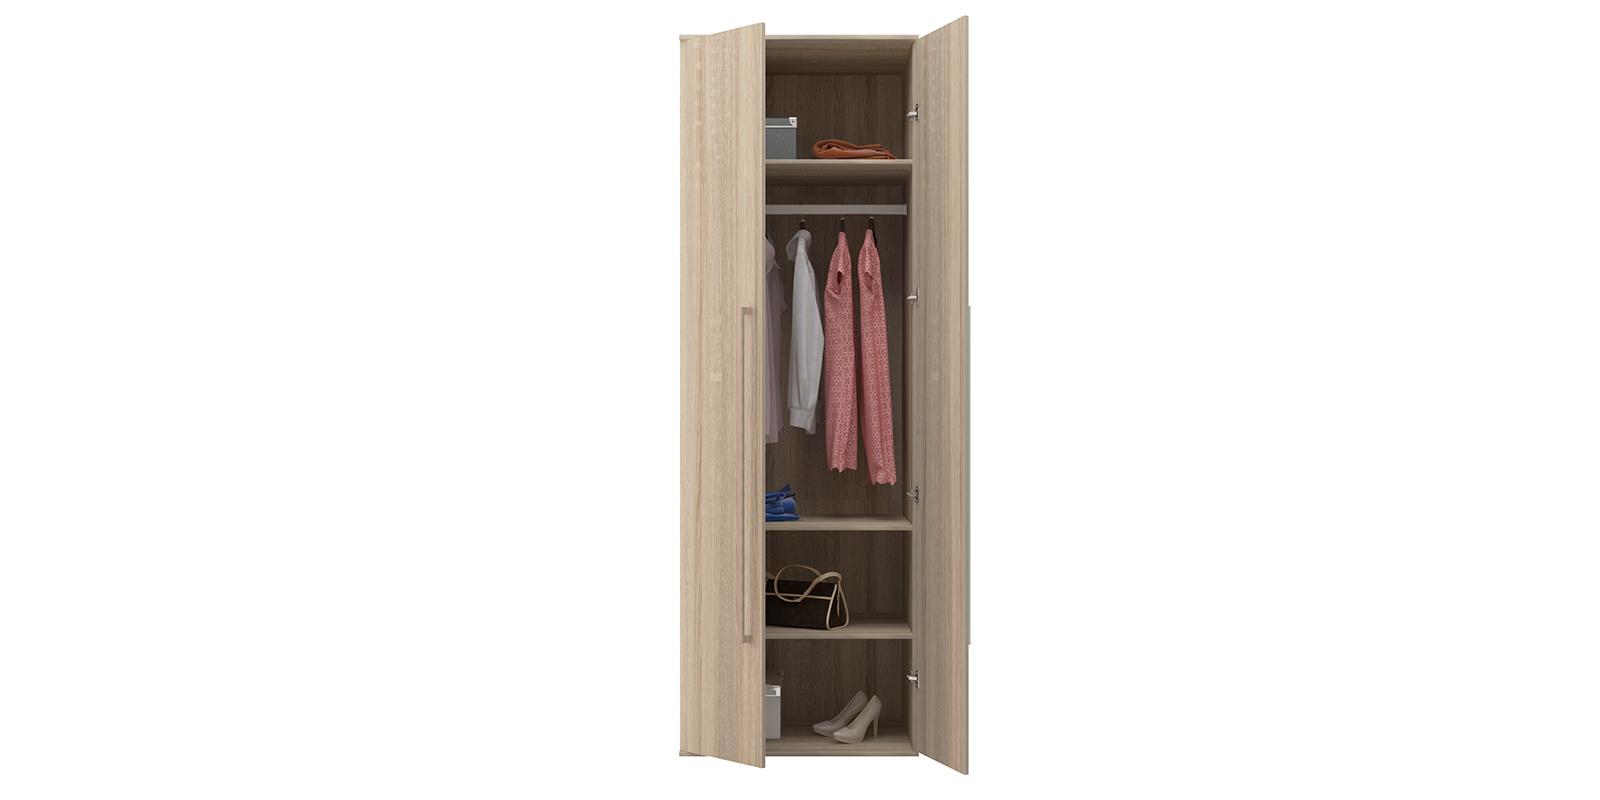 Шкаф распашной двухдверный Бали вариант №1 (дуб сонома) от HomeMe.ru